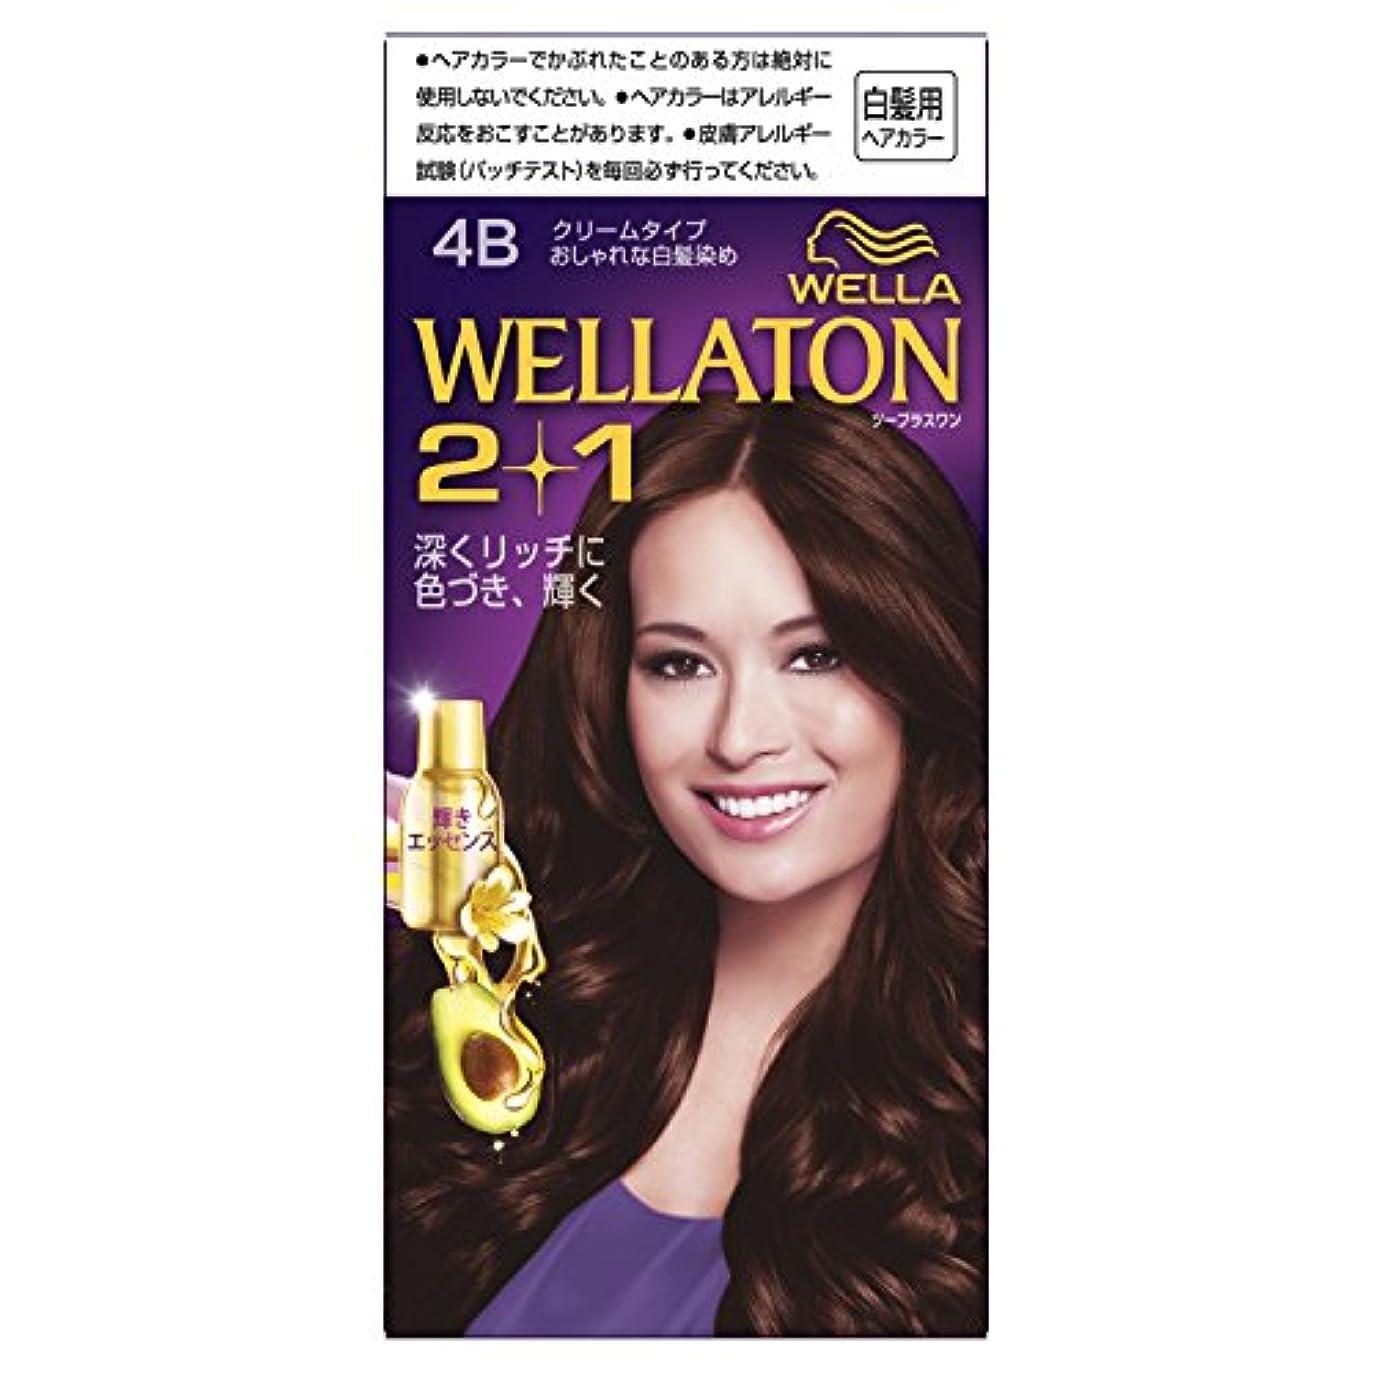 はしご注釈を付ける倍率ウエラトーン2+1 クリームタイプ 4B [医薬部外品](おしゃれな白髪染め)